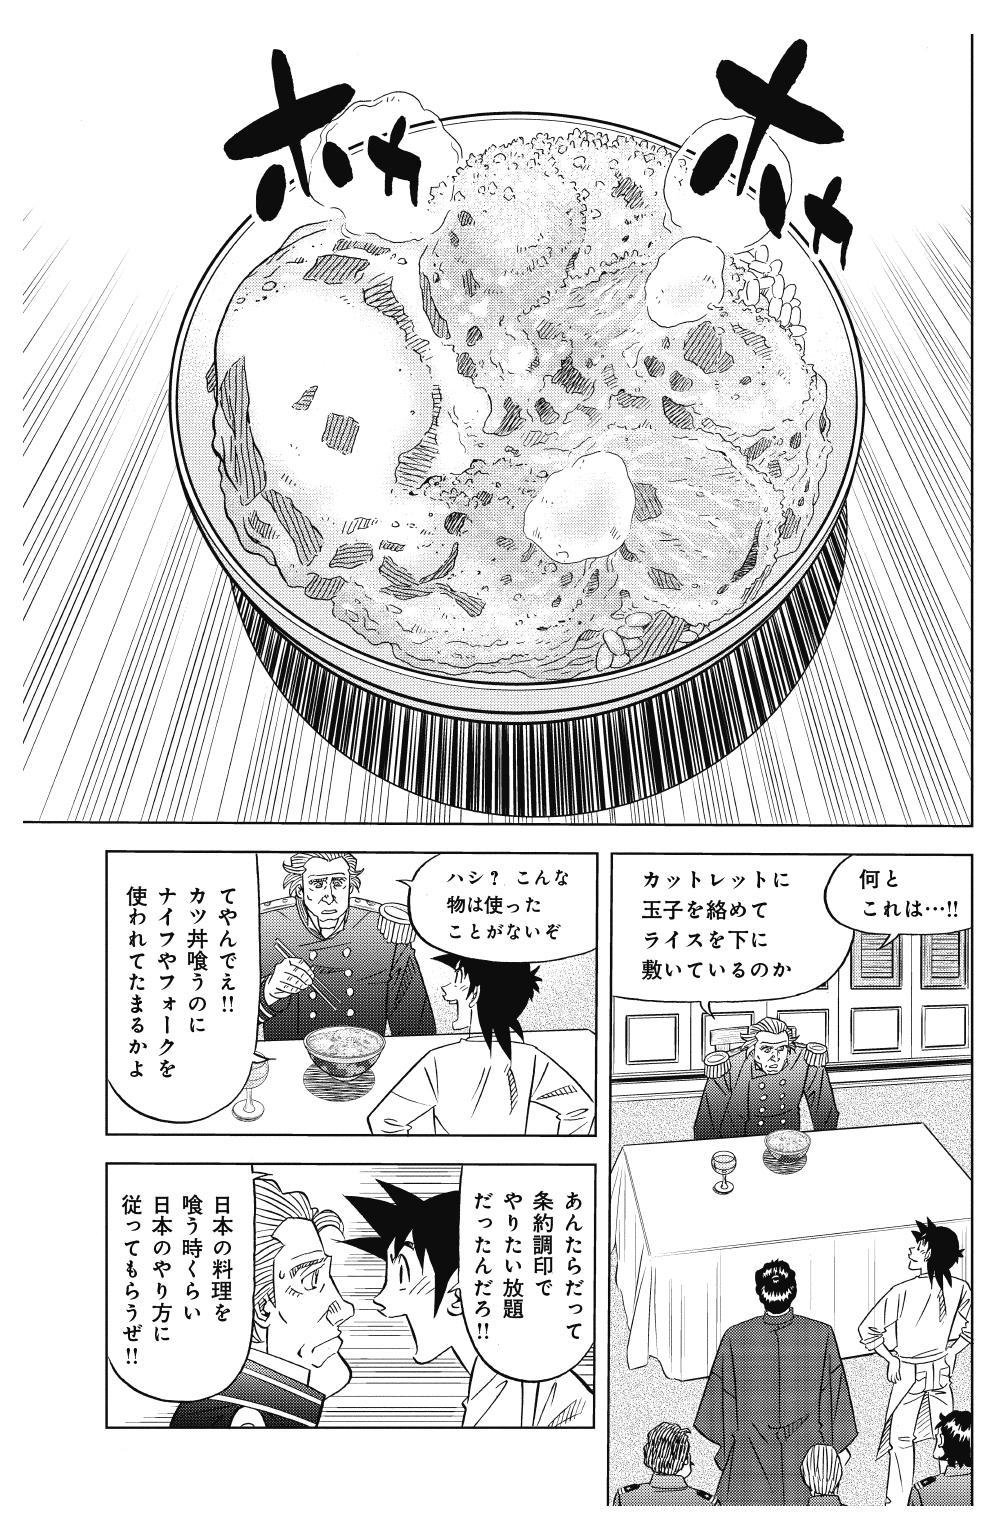 ミスター味っ子 幕末編 第1話「黒船来航」③ajikko30.jpg